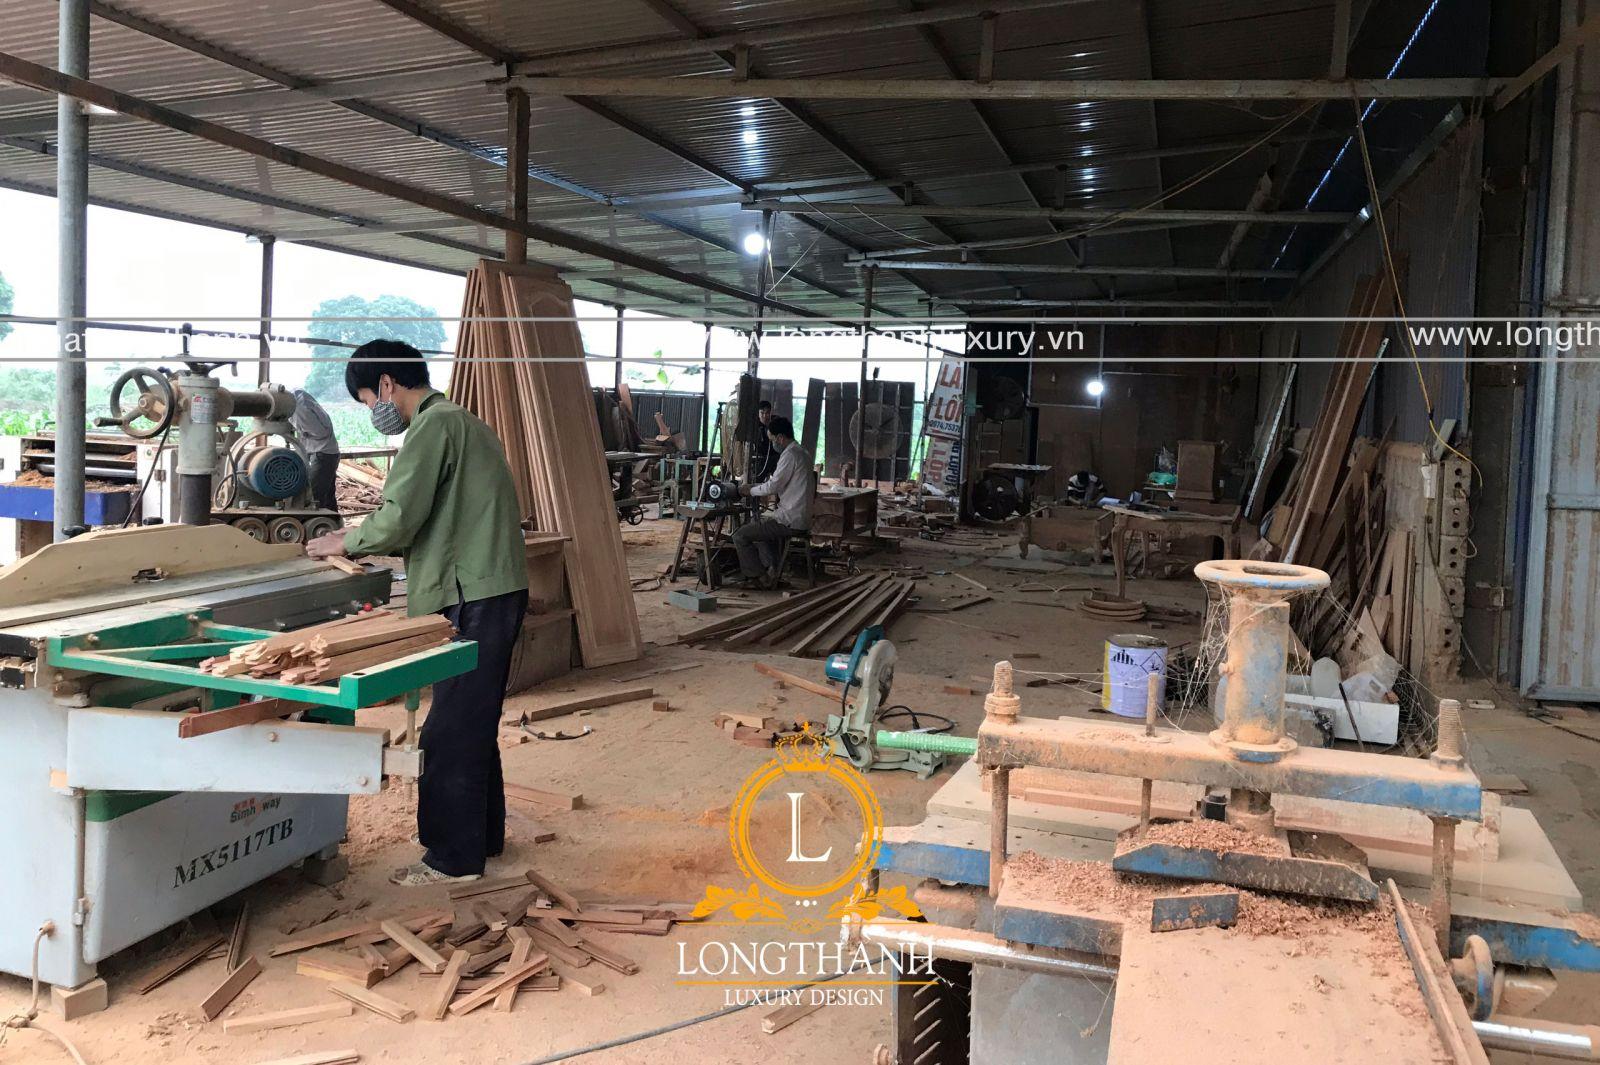 Xưởng sản xuất nội thất trực tiếp